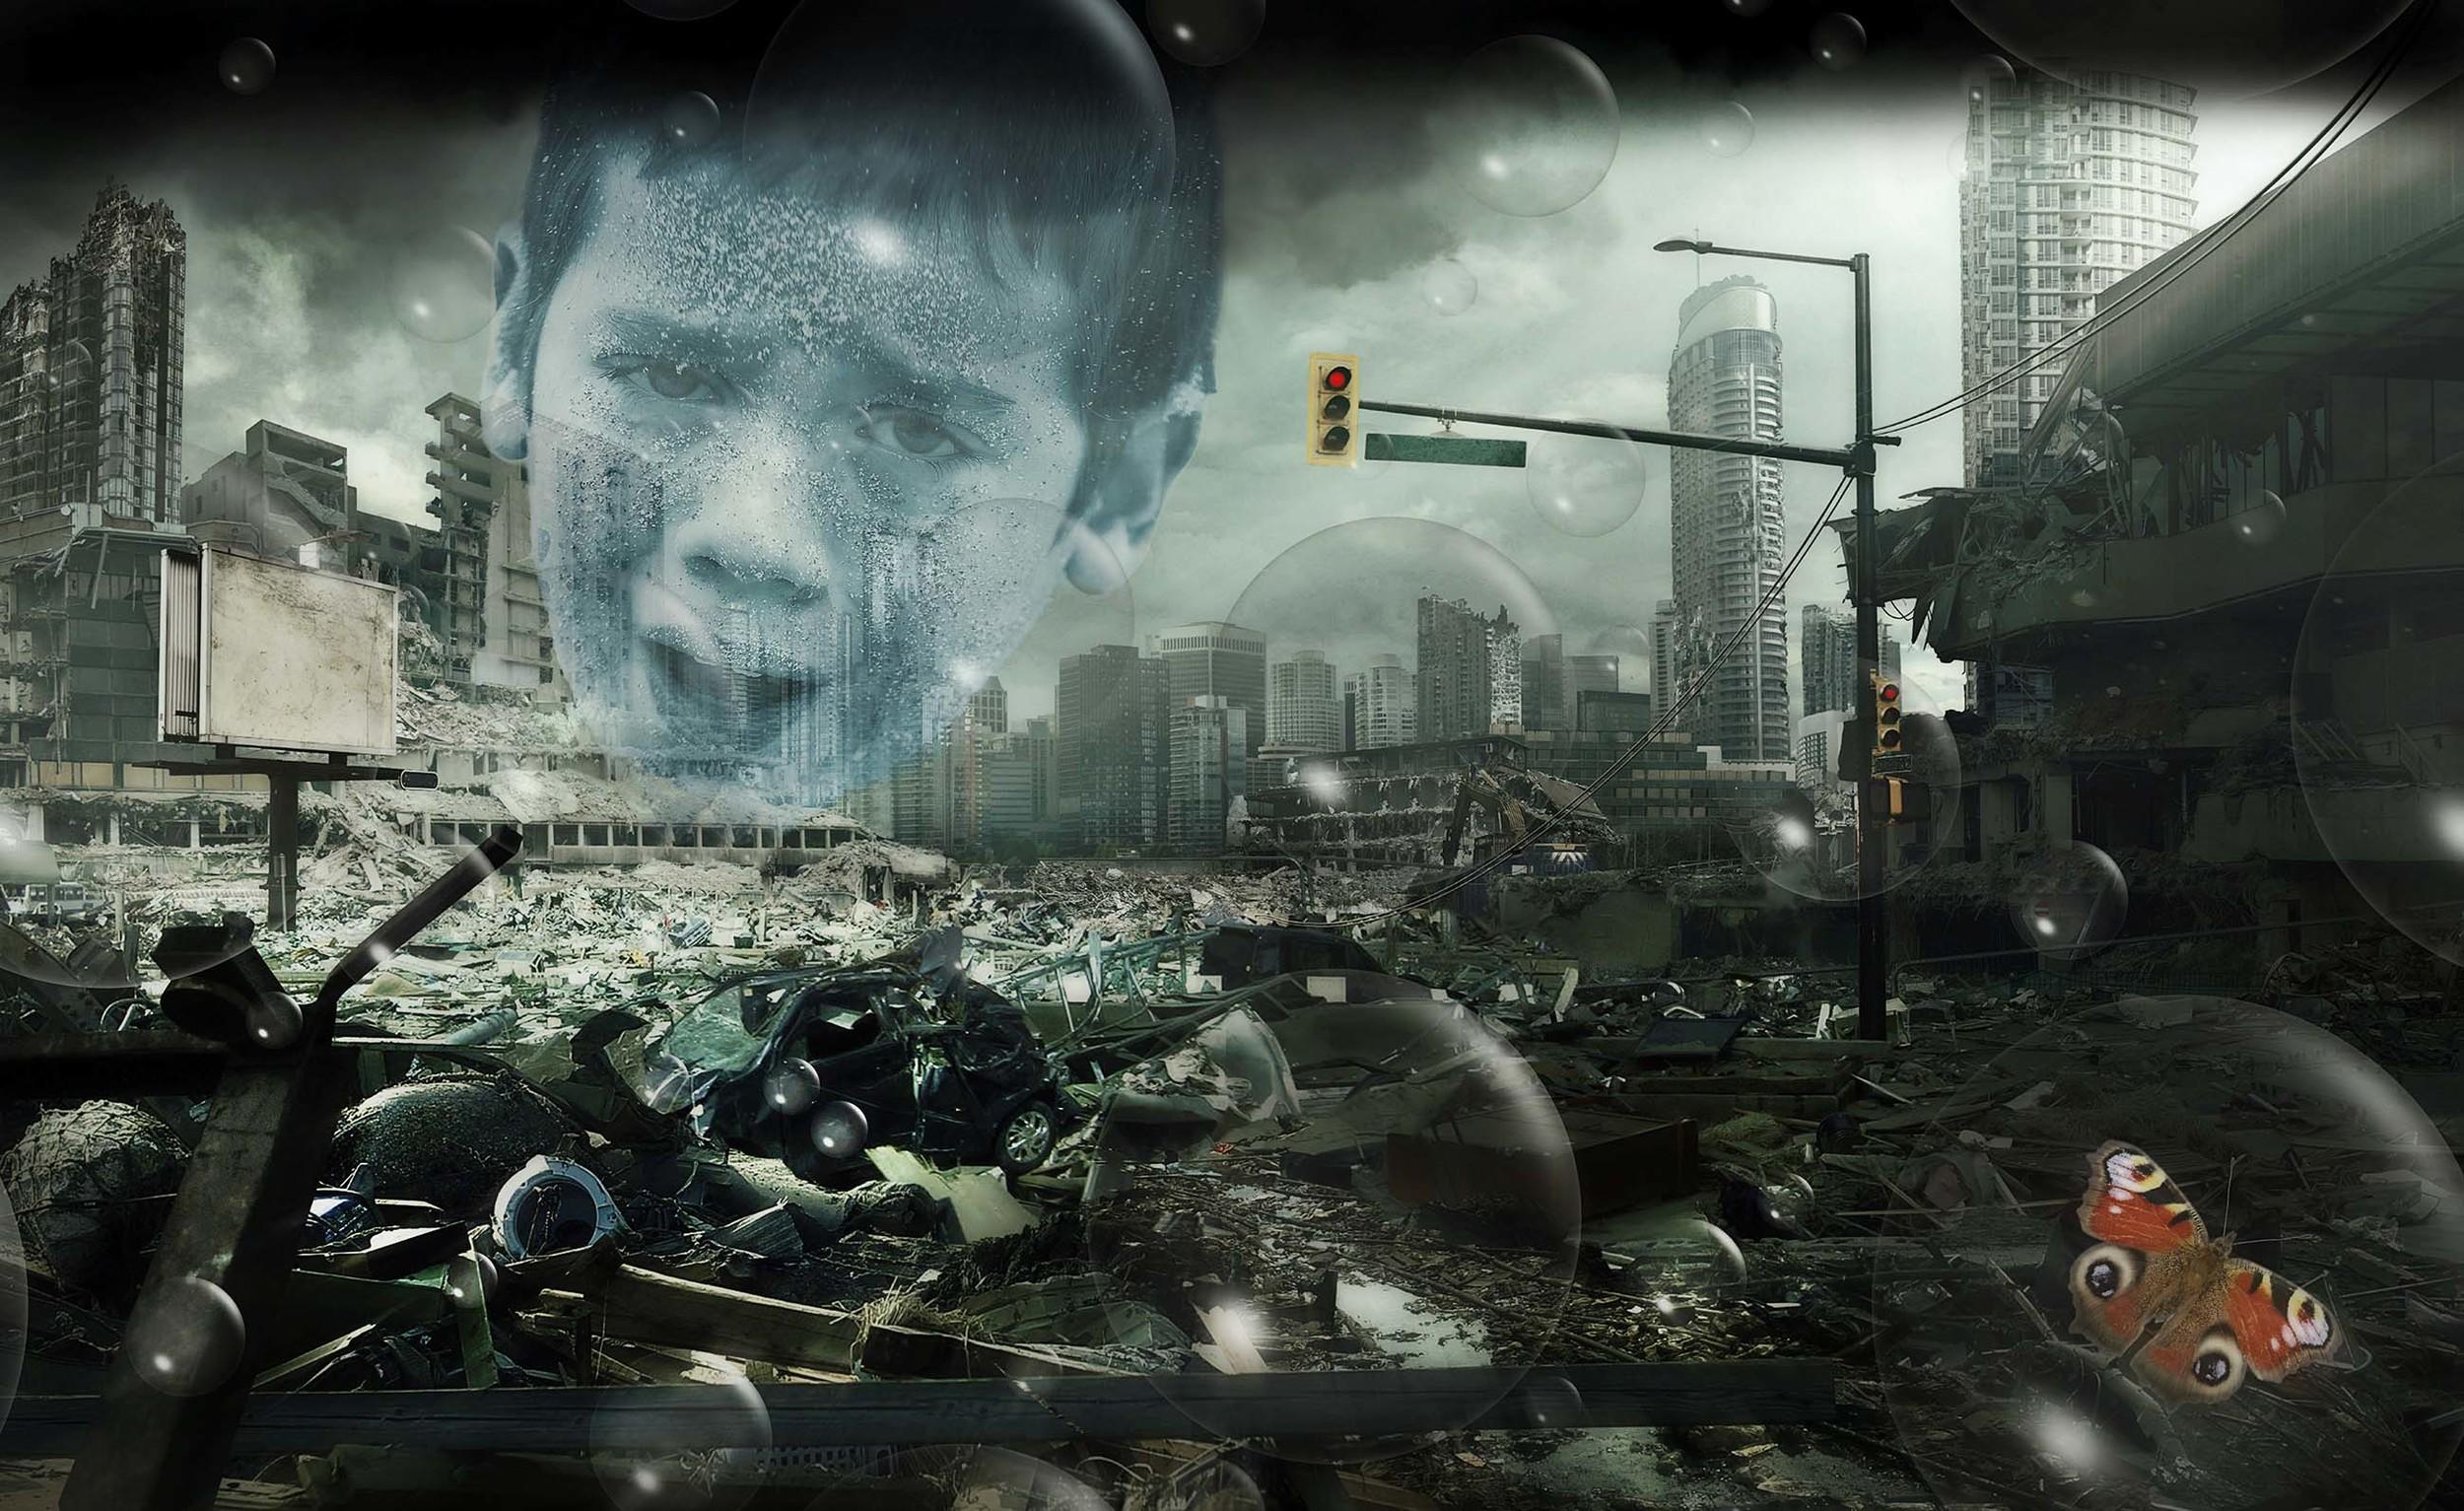 Children of the future 2